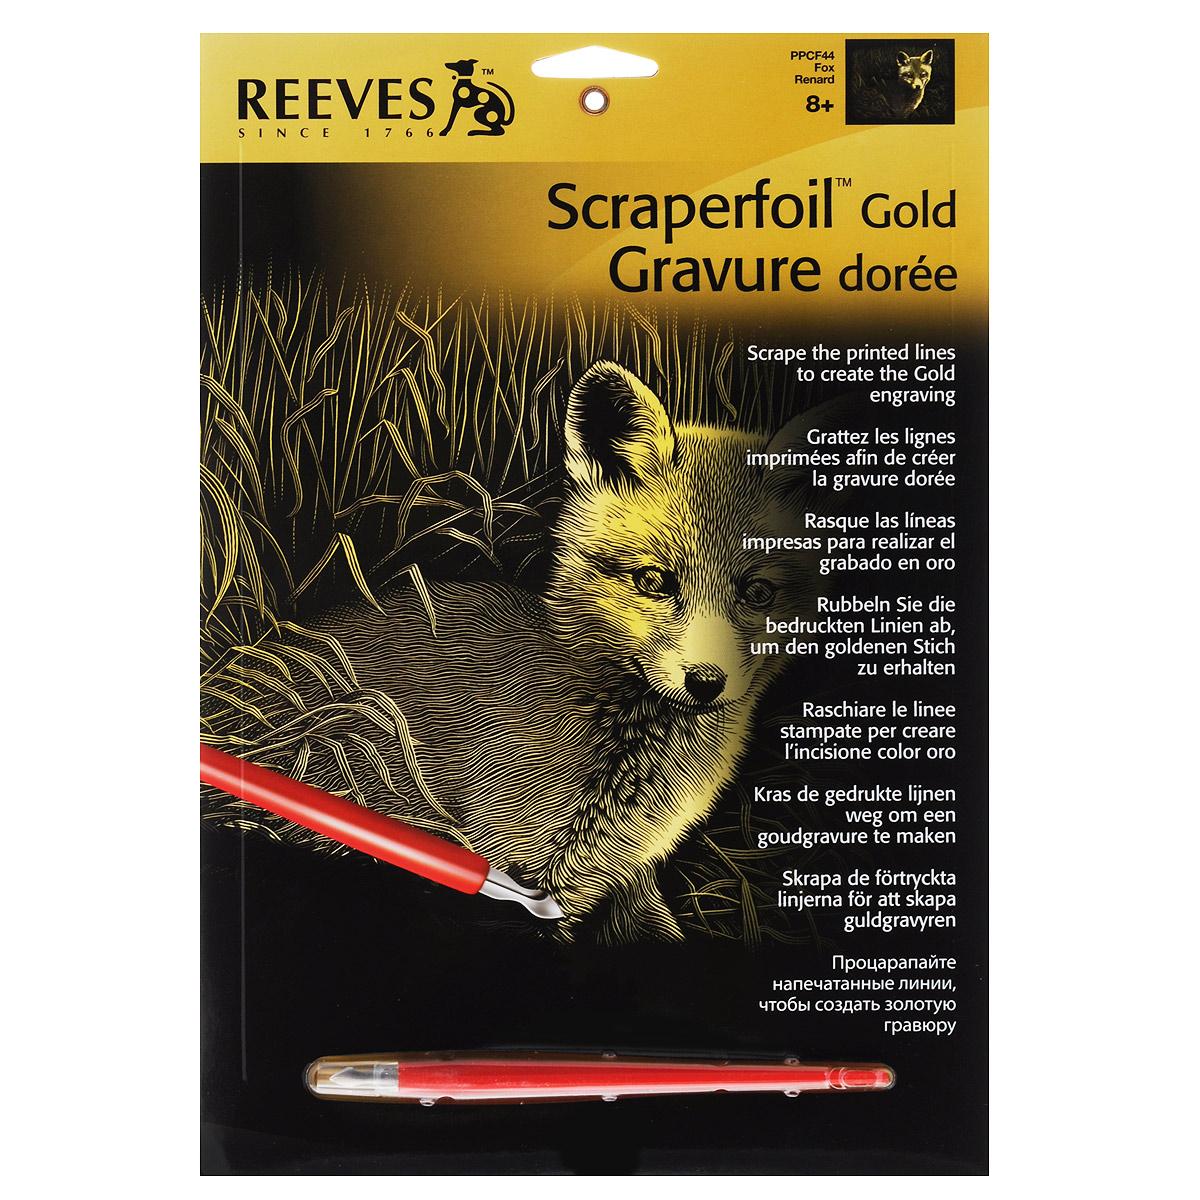 ������� � ������� �������� Reeves ���� - ReevesPPCF44������� � ������� �������� Reeves ���� �������� � ��������� ���������� ������ � ���������� �� ������ ��� ��������, ����������� ���������� ��� ������������� � ���� ��� ����������. � ������� ����������� ��� ������������� ����������� ��������������� �� �������, � ��-��� ���� ������ ���������� ���������� ������. � ���������� ���������� ����������� ������� � ��������� ������������ ����. ��������� � ������������� ������� �������� ������� �� ������ �������� ������������ �������, �� � ���� ����������� ��������� ���������� �����������, �������� � ��������������, � ������������ ������� ������� �������� ��� ������ �������� �������� �� ����� ��������.